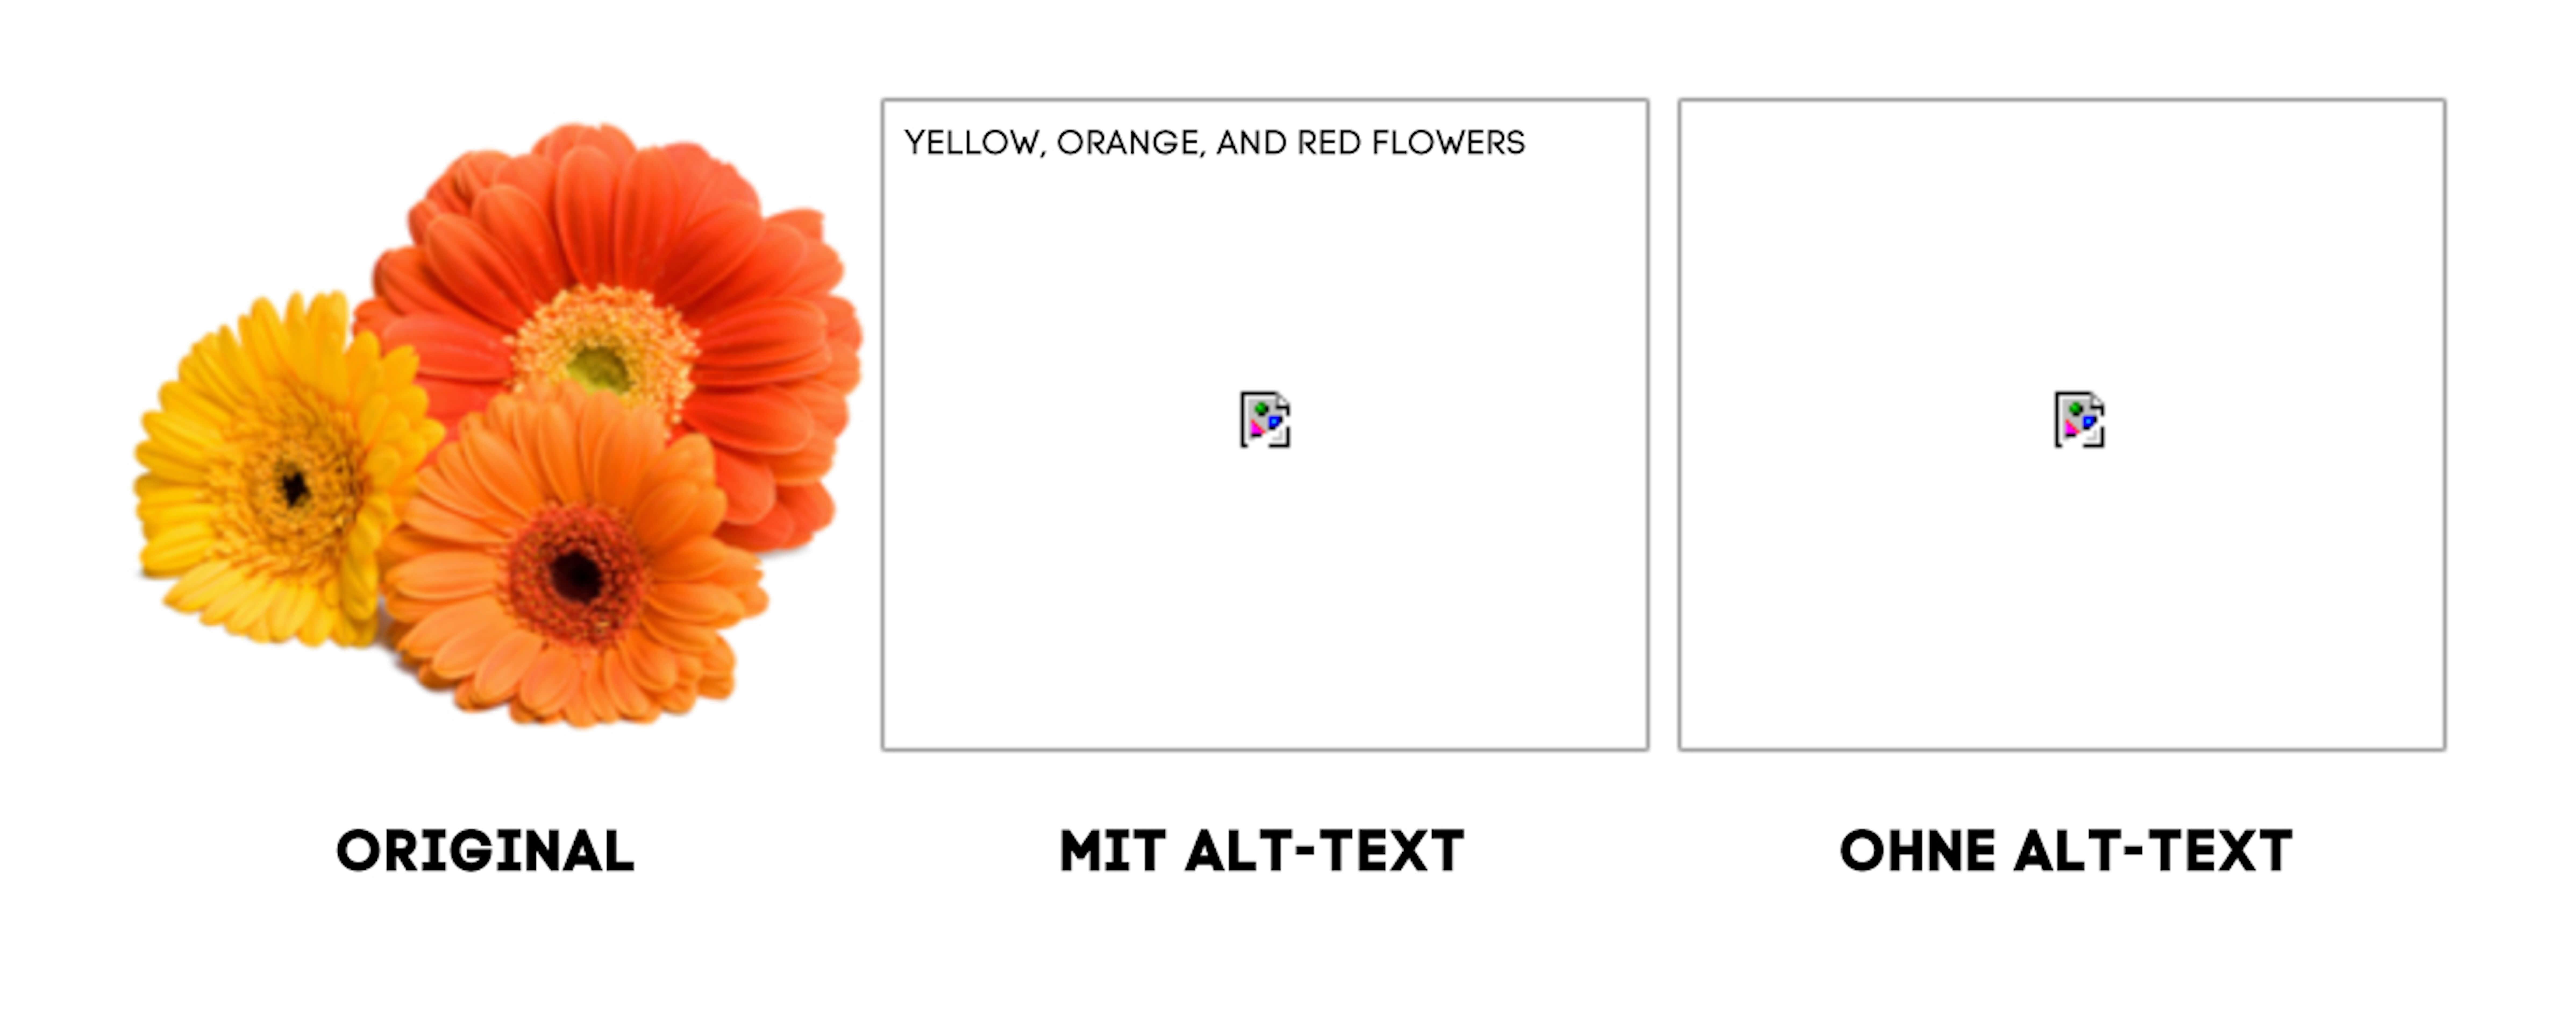 ALT-Text Beispiel